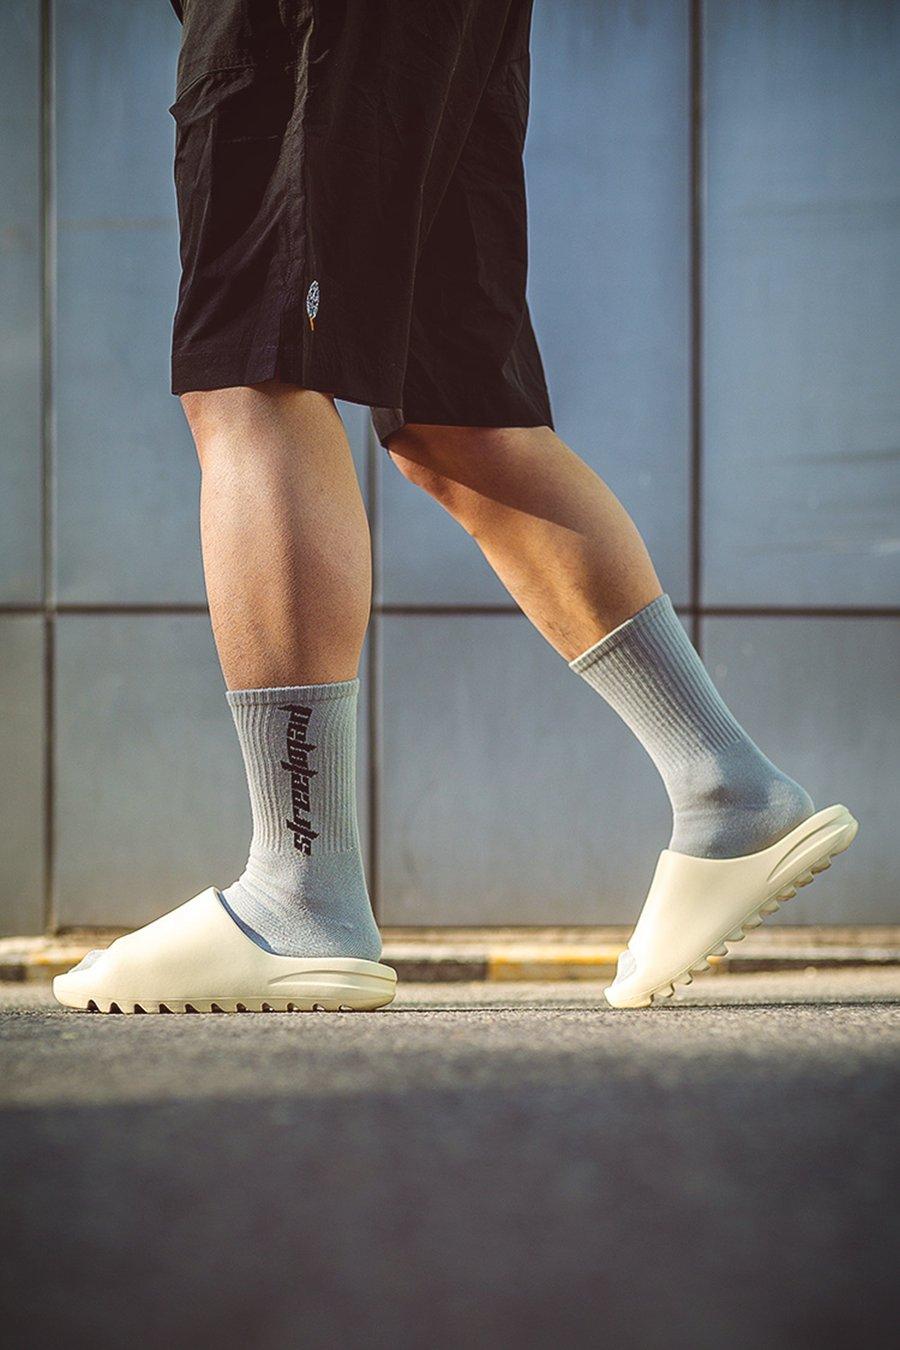 双,Yeezy,的,钱能买,双态,极,今夏,拖鞋,推荐,  今天这期「拖鞋推荐」每一双都让人心动!最低只要 ¥69